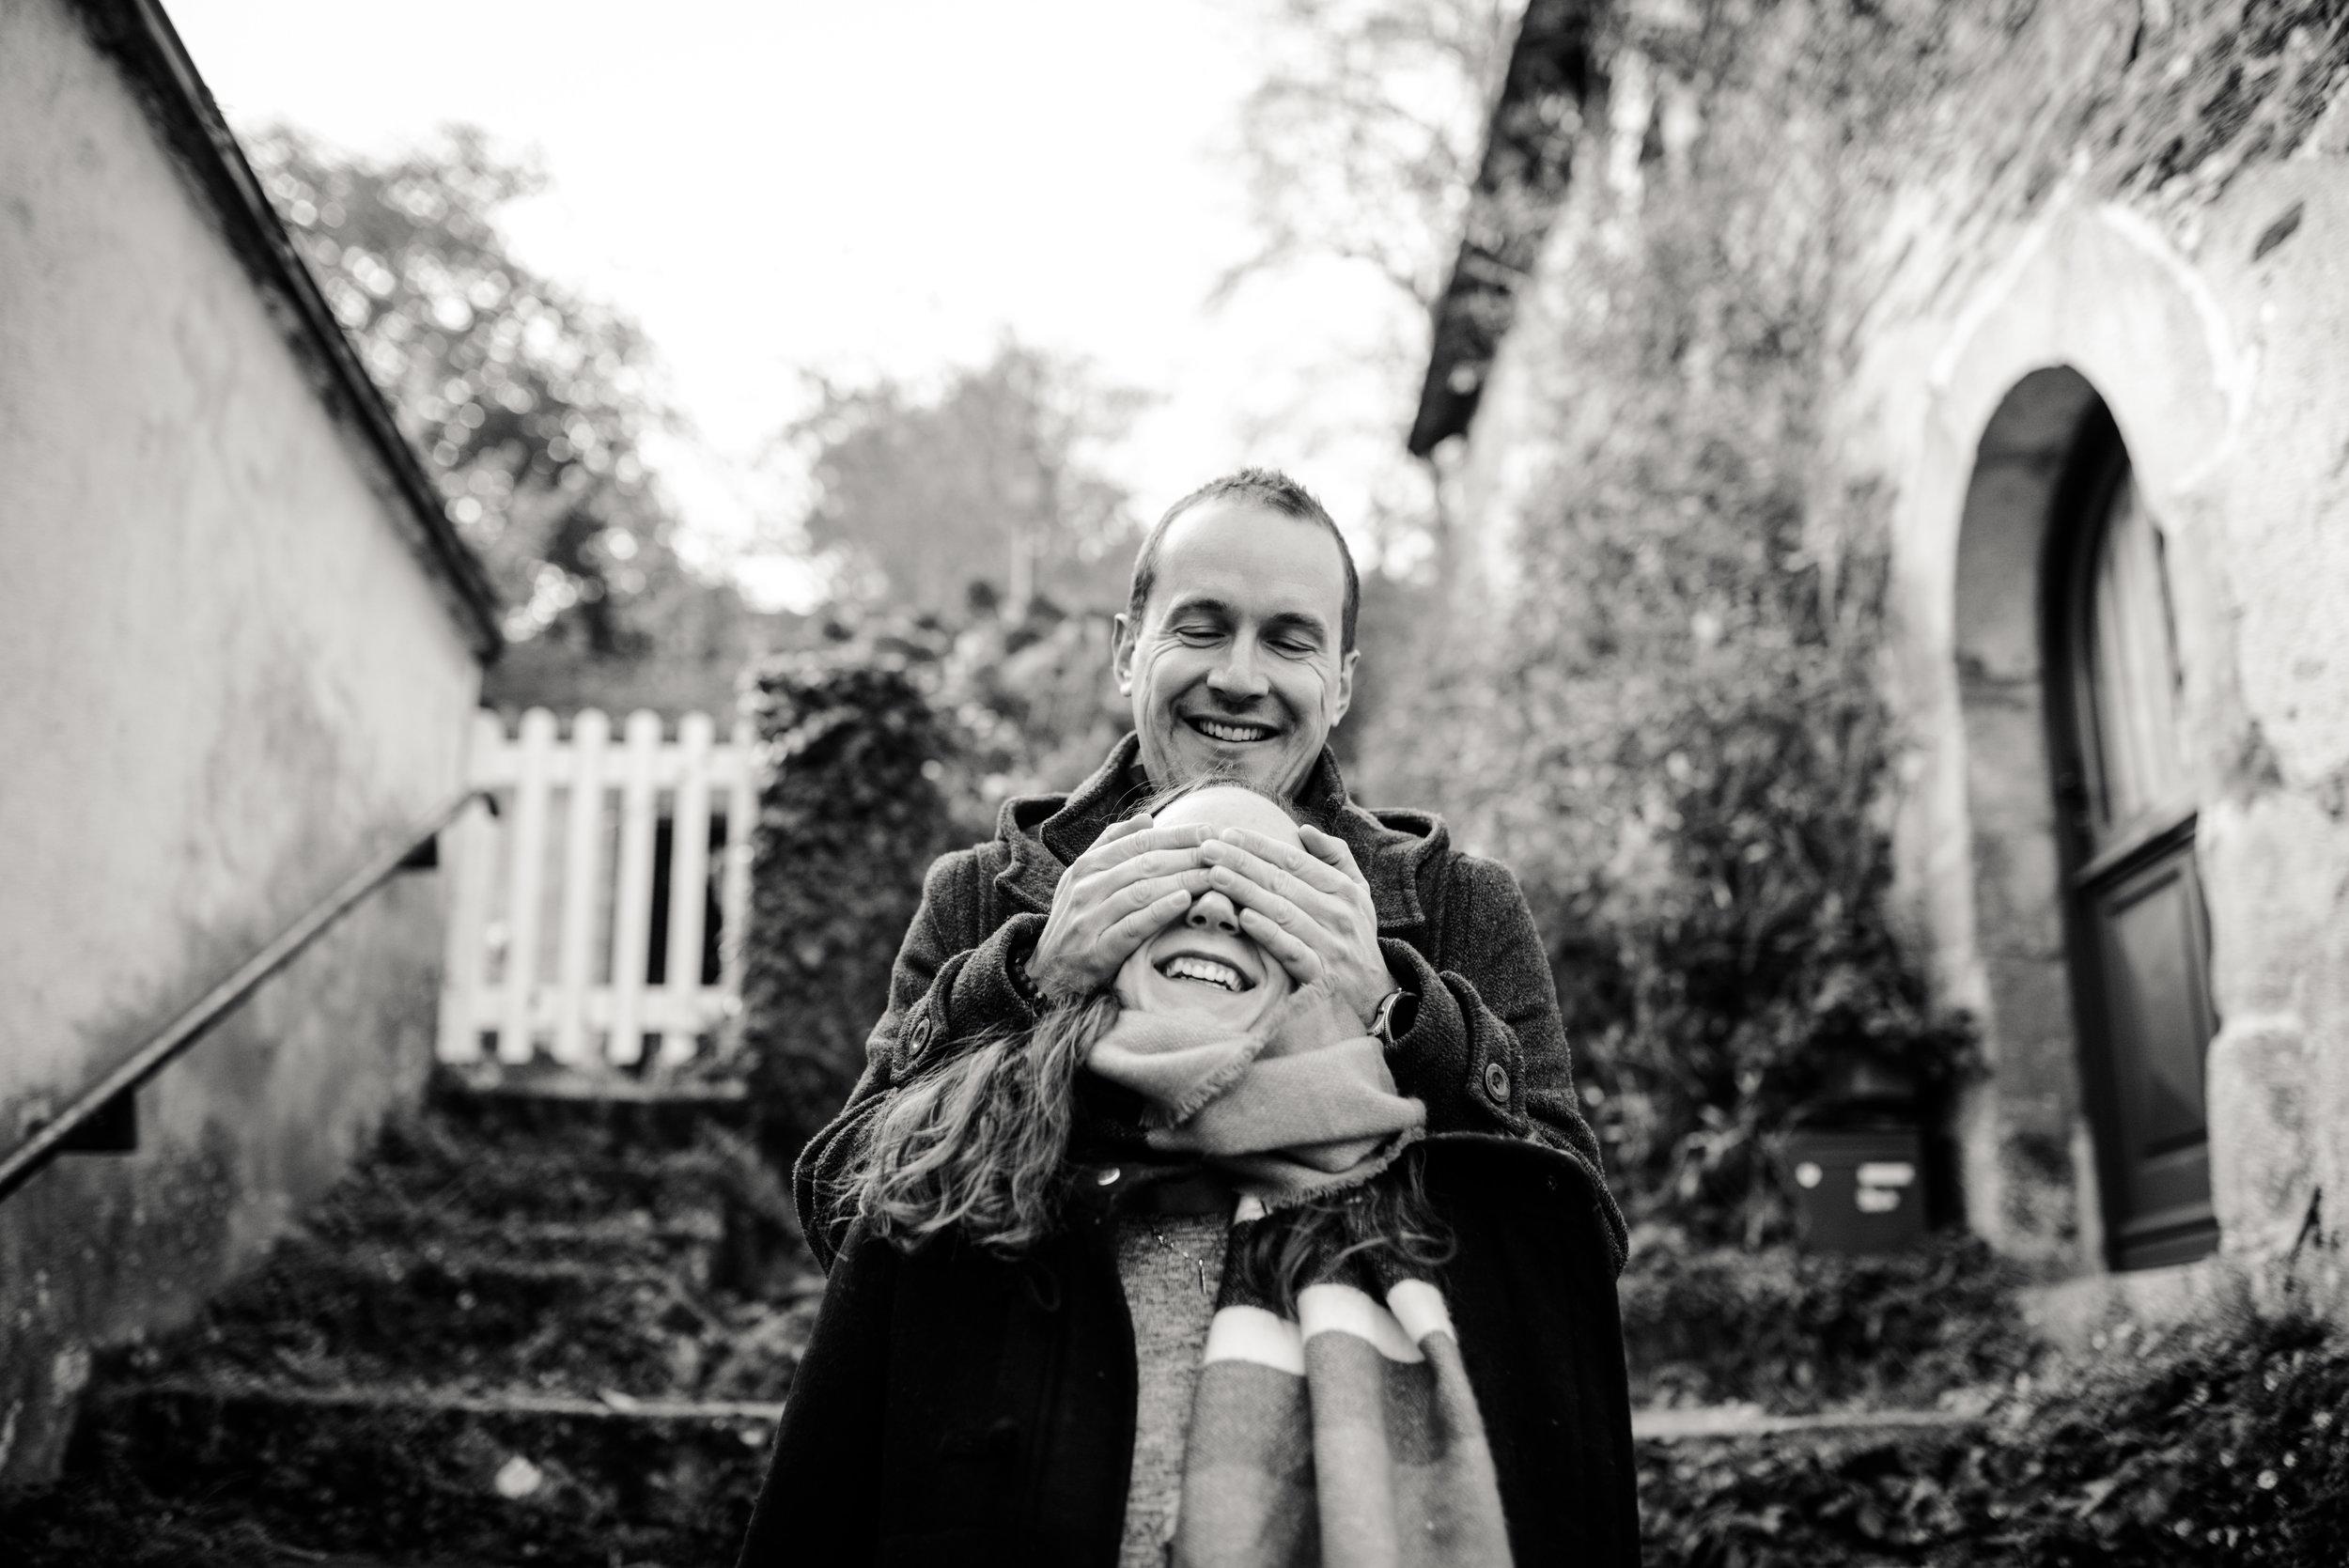 Léa-Fery-photographe-professionnel-lyon-rhone-alpes-portrait-creation-mariage-evenement-evenementiel-famille-4603.jpg